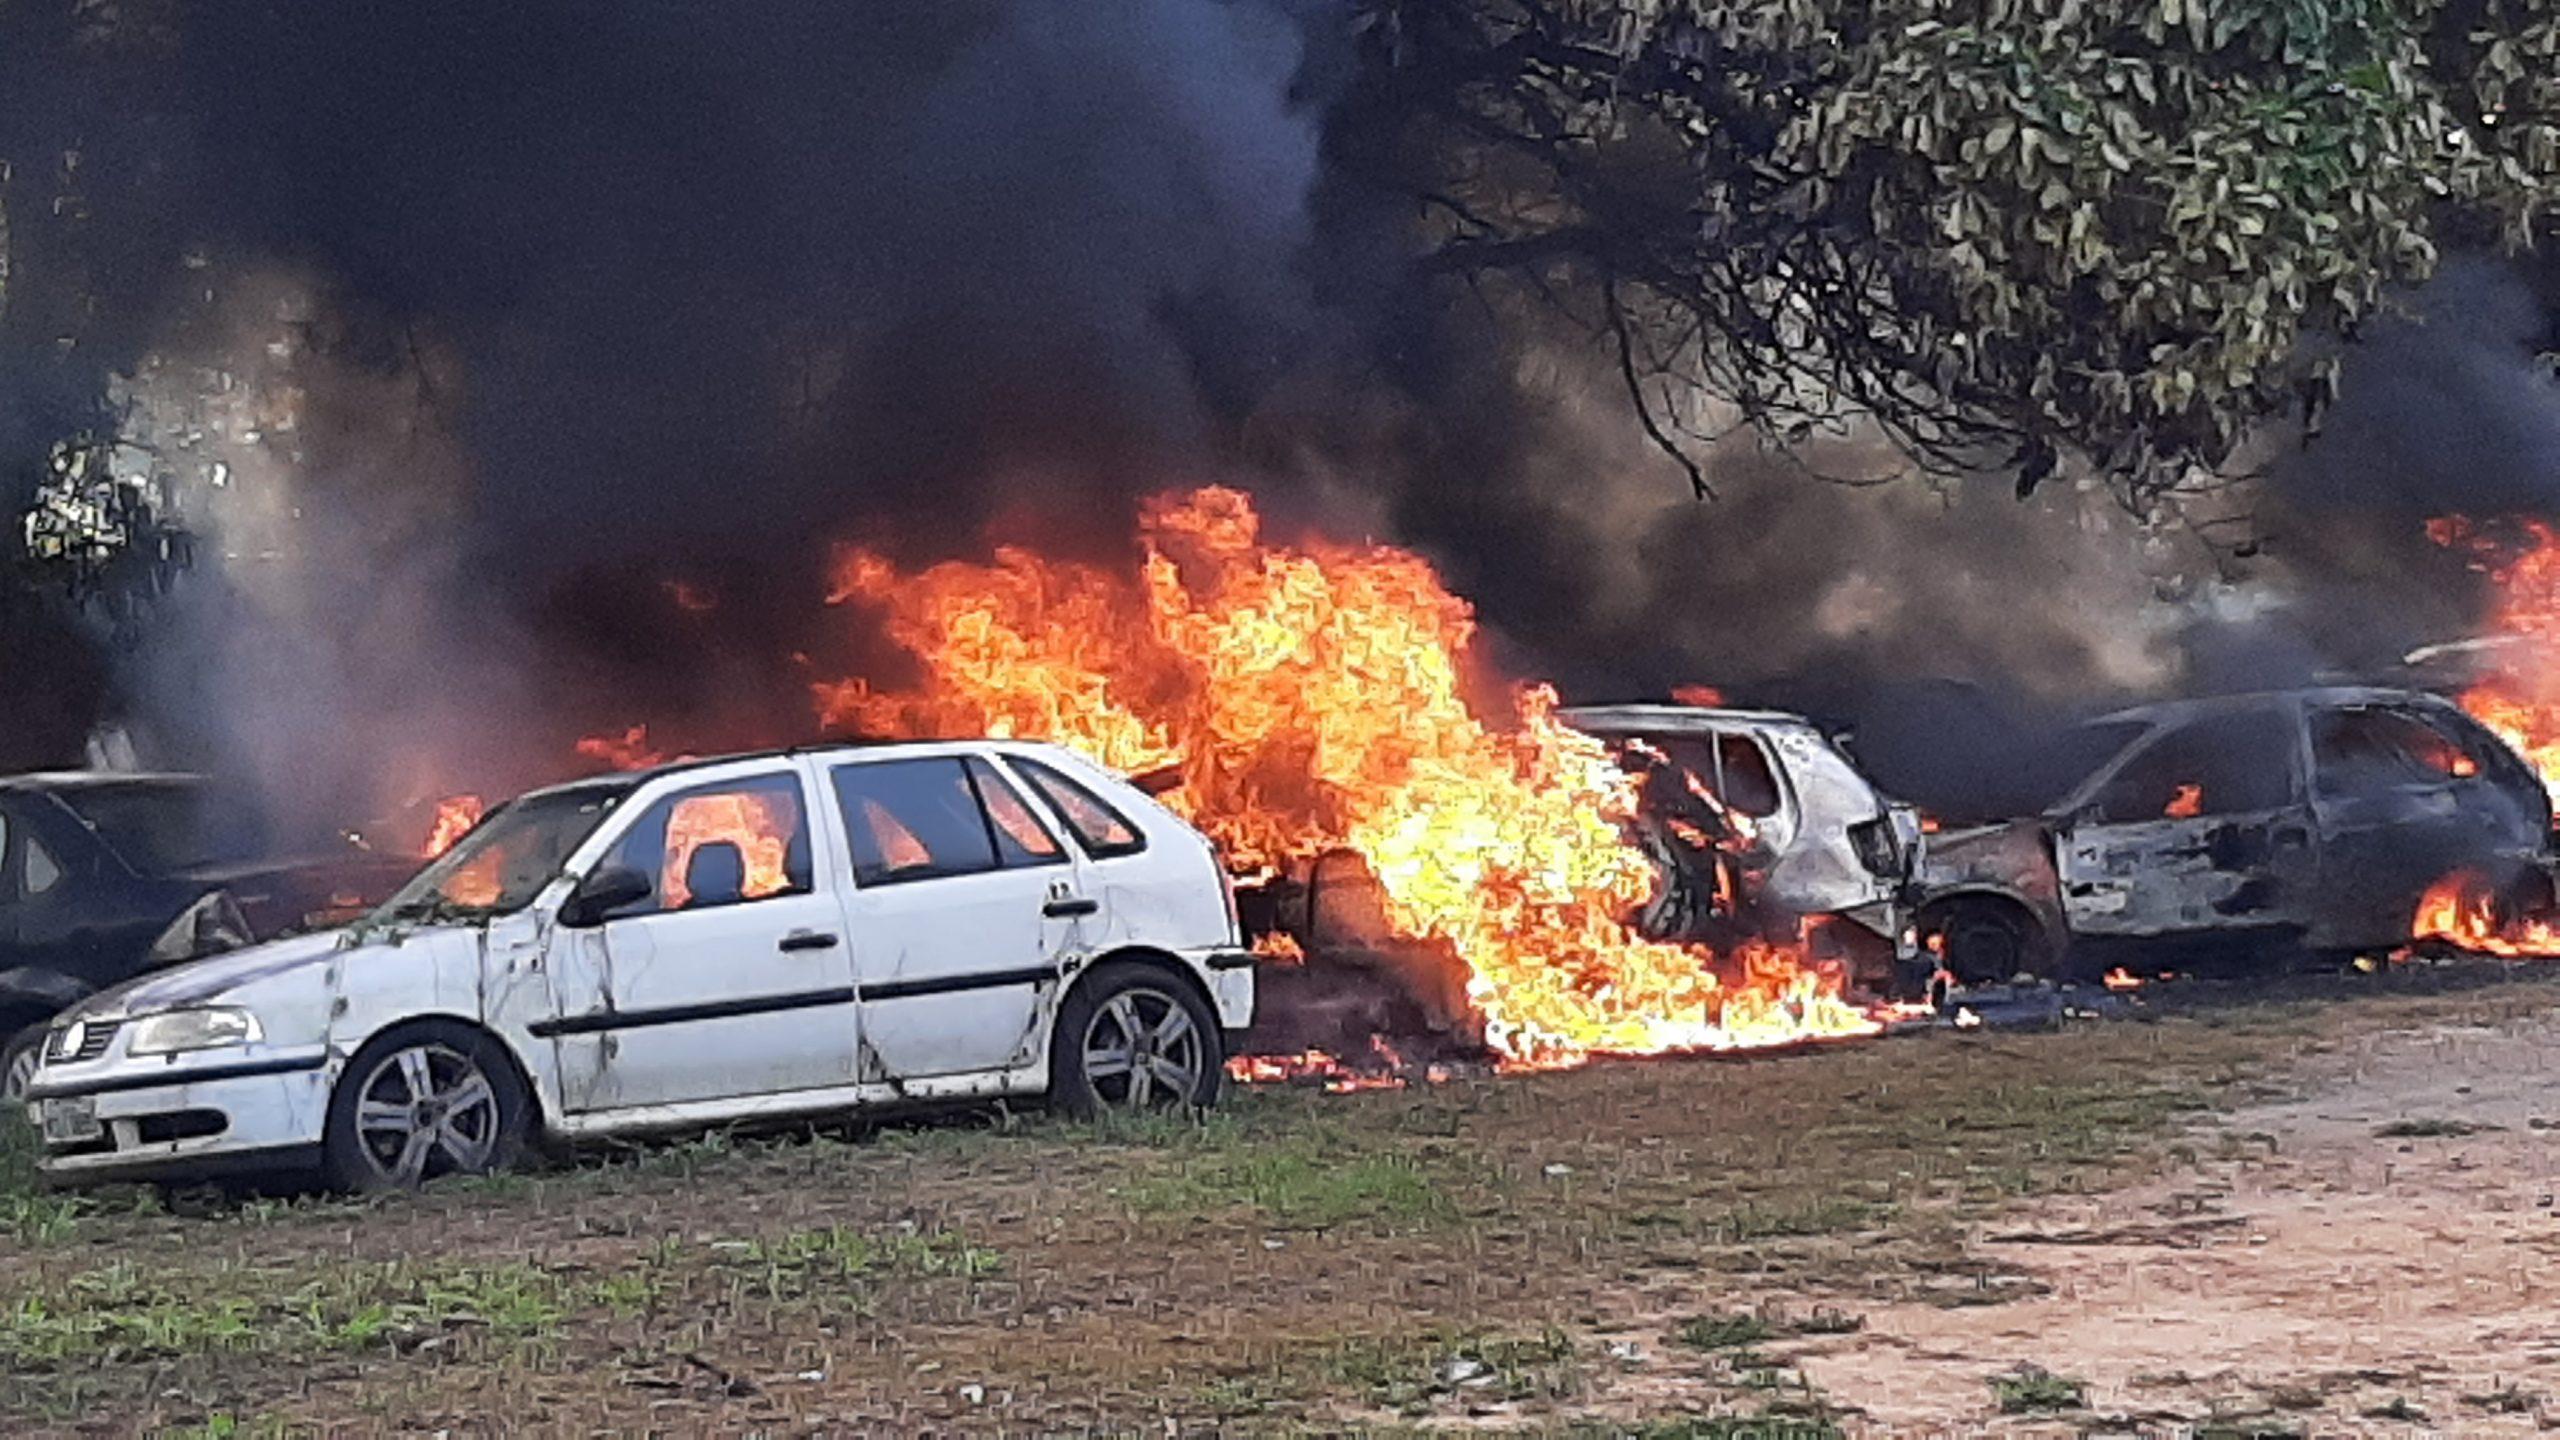 Fogo de origem desconhecida destrói veículos apreendidos na Delegacia de Policia de Presidente Médici